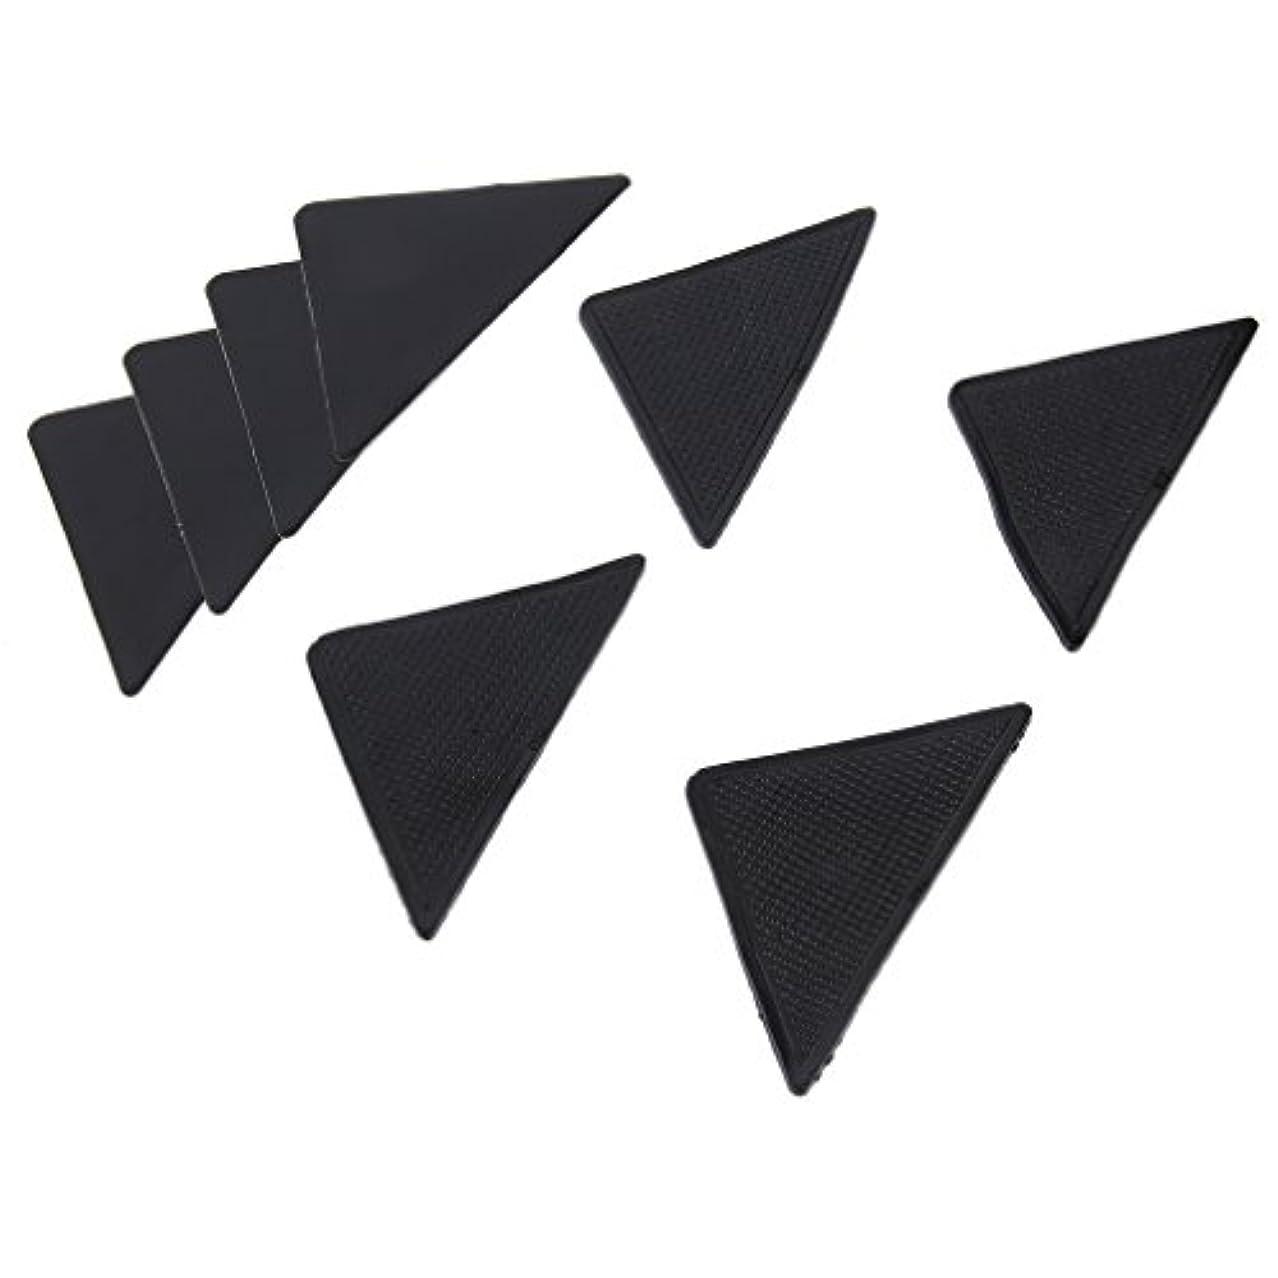 おしゃれな例外匹敵します4 pcs Rug Carpet Mat Grippers Non Slip Anti Skid Reusable Silicone Grip Pads